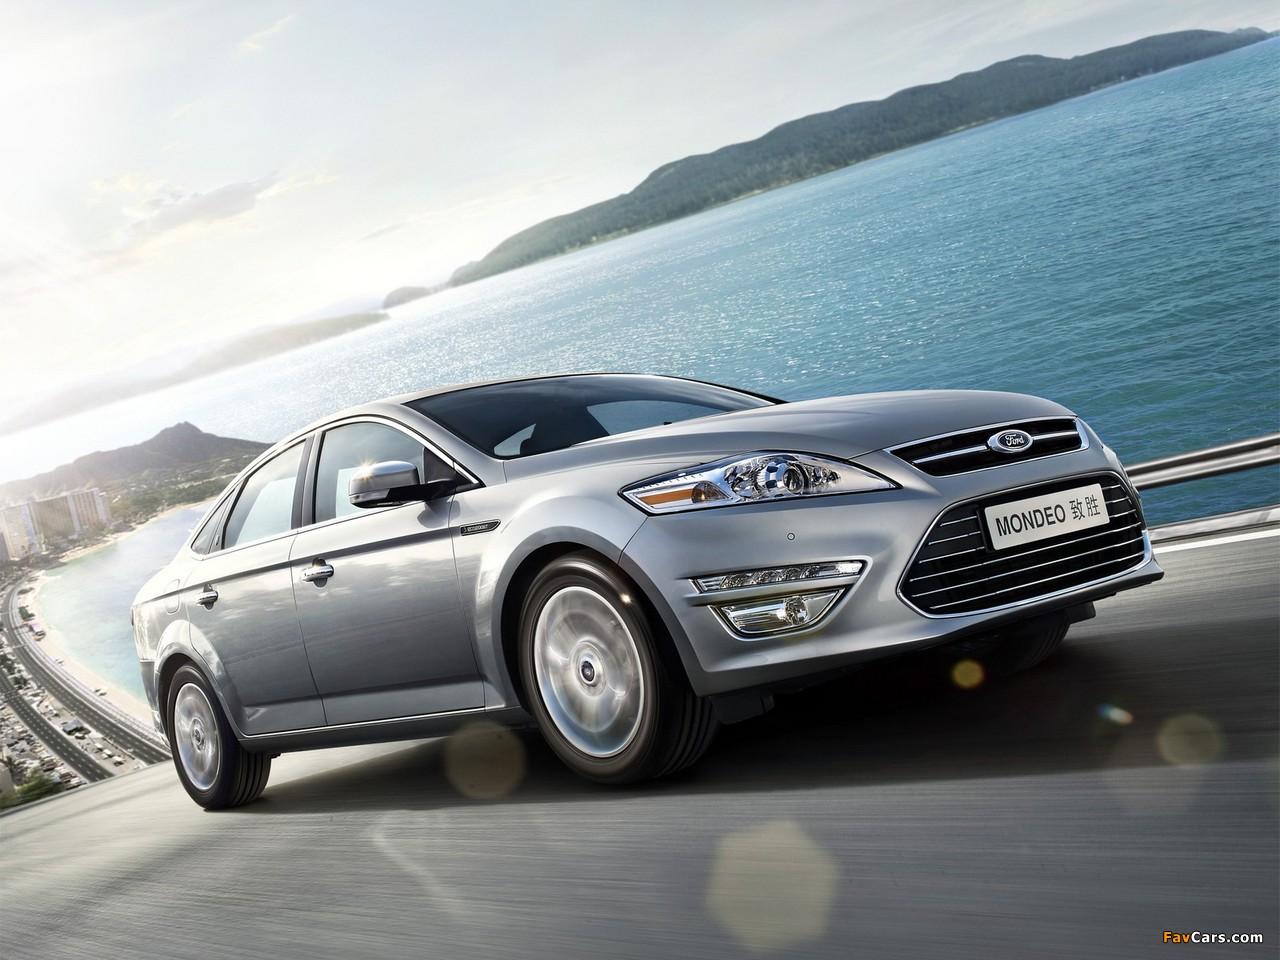 Каков эффект от лобового стекла с теплоотражающим покрытием на Ford Mondeo 4?